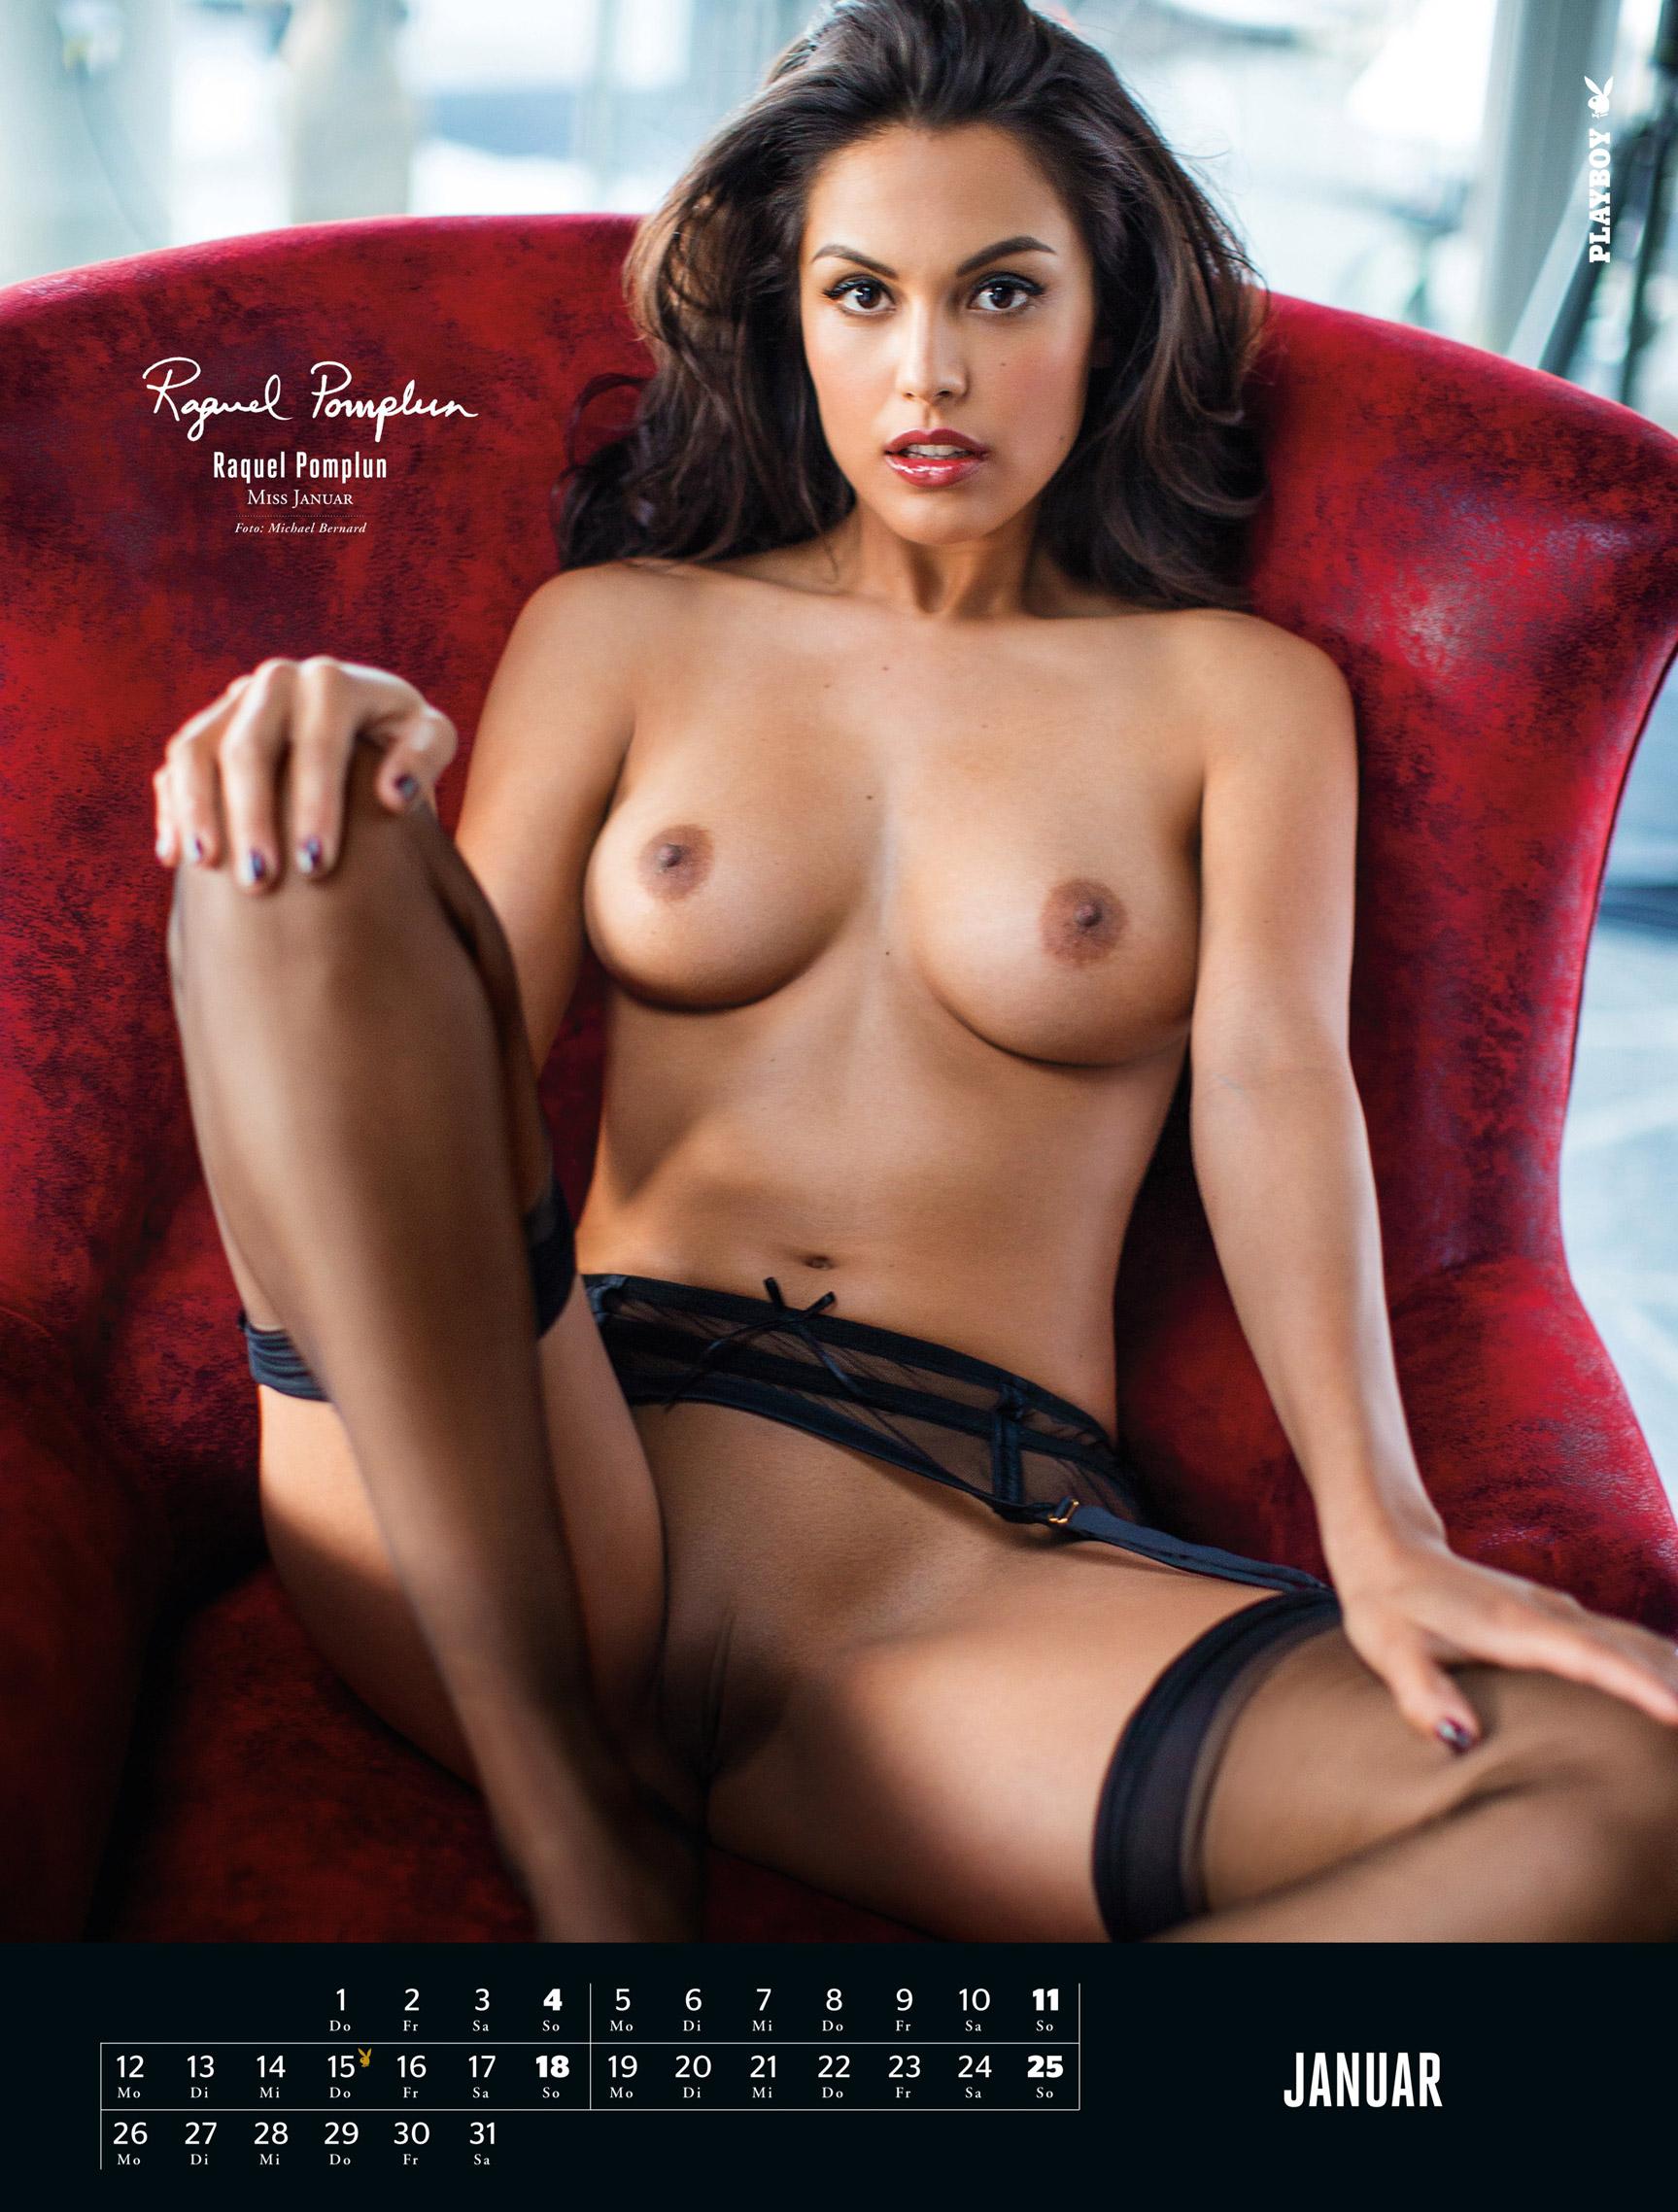 Эротические картинки из германии смотреть онлайн 24 фотография